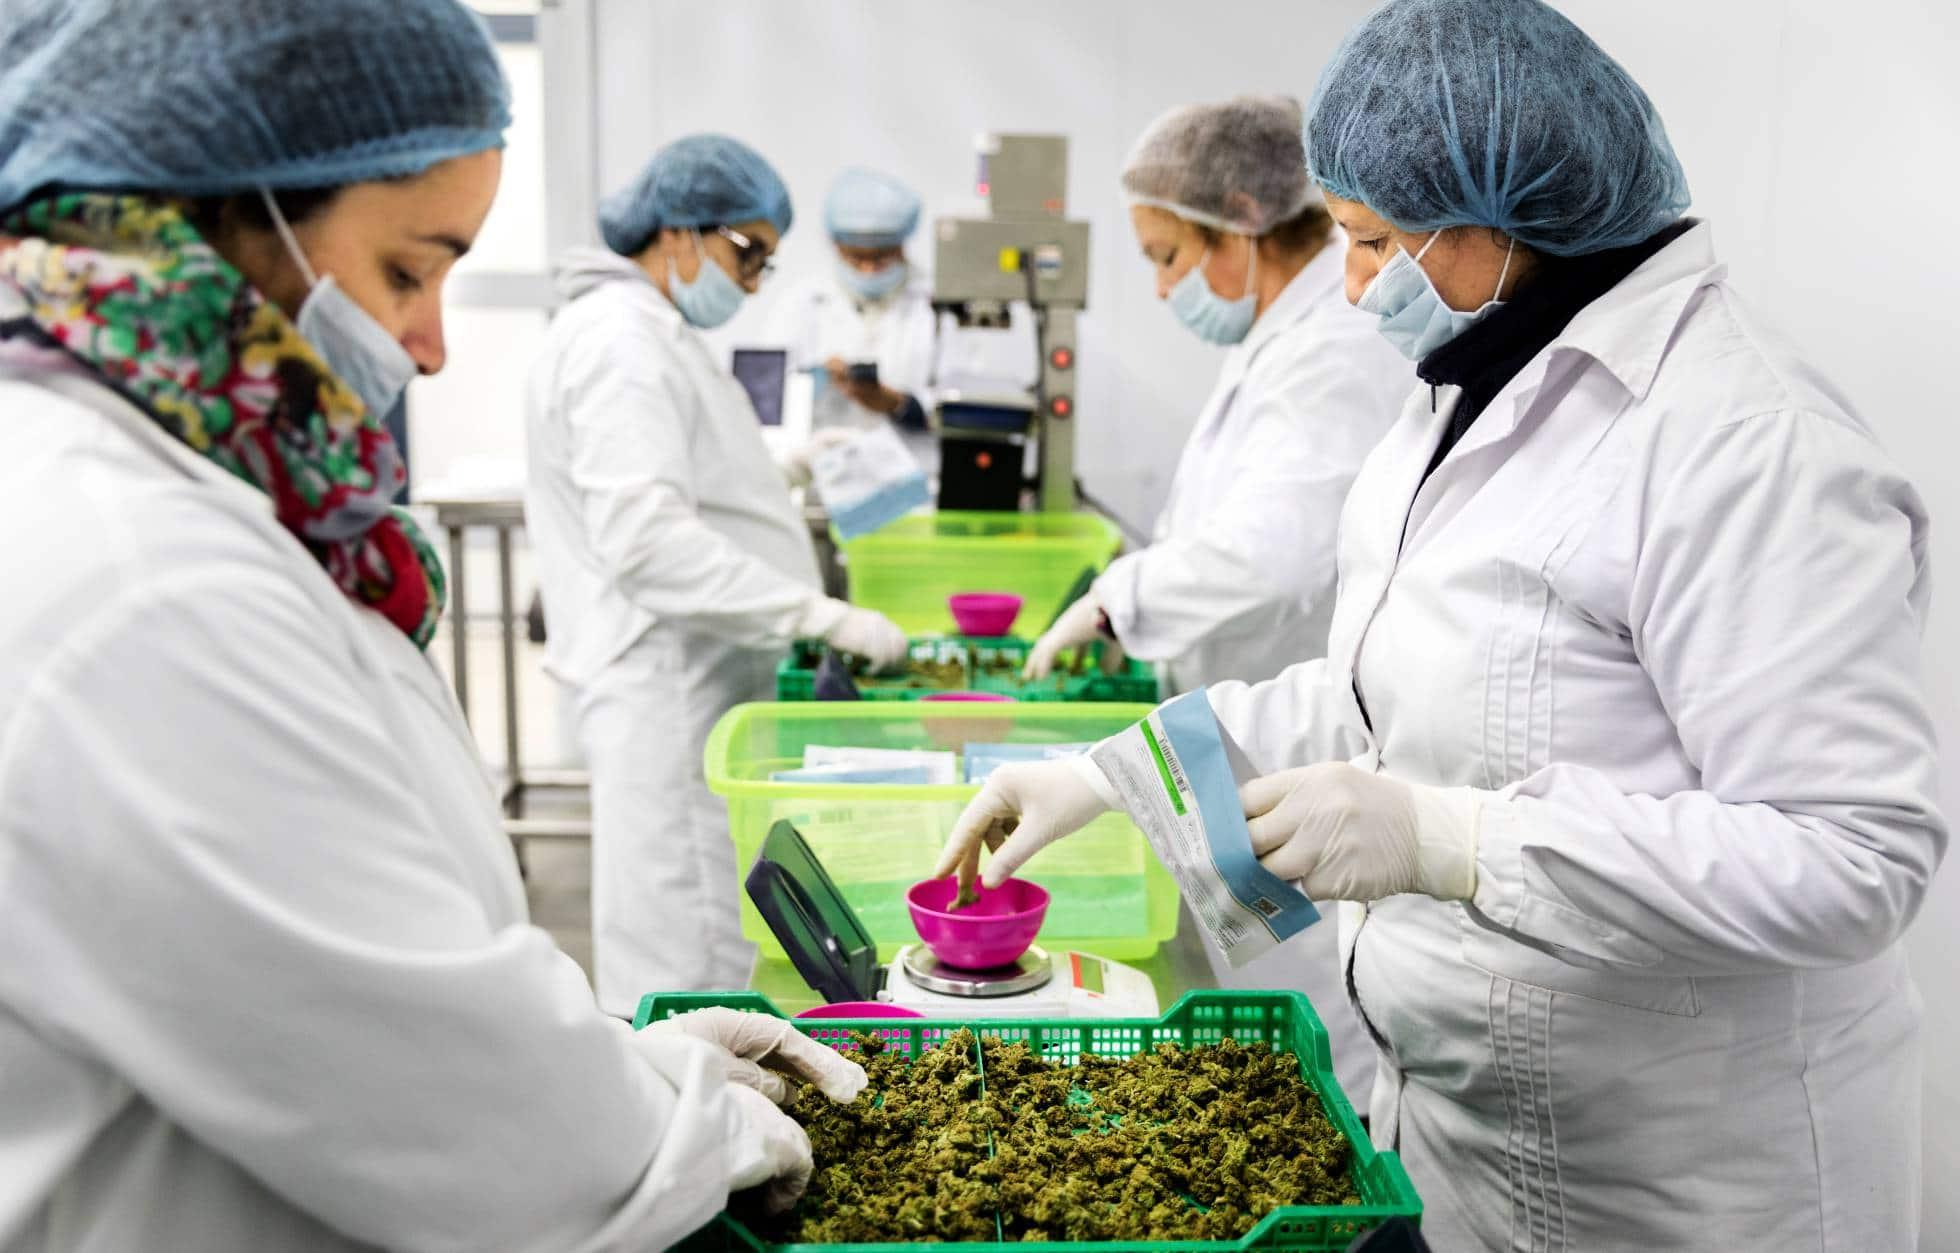 Nación Cannabis | Cannabis en Uruguay aún no genera ganancias